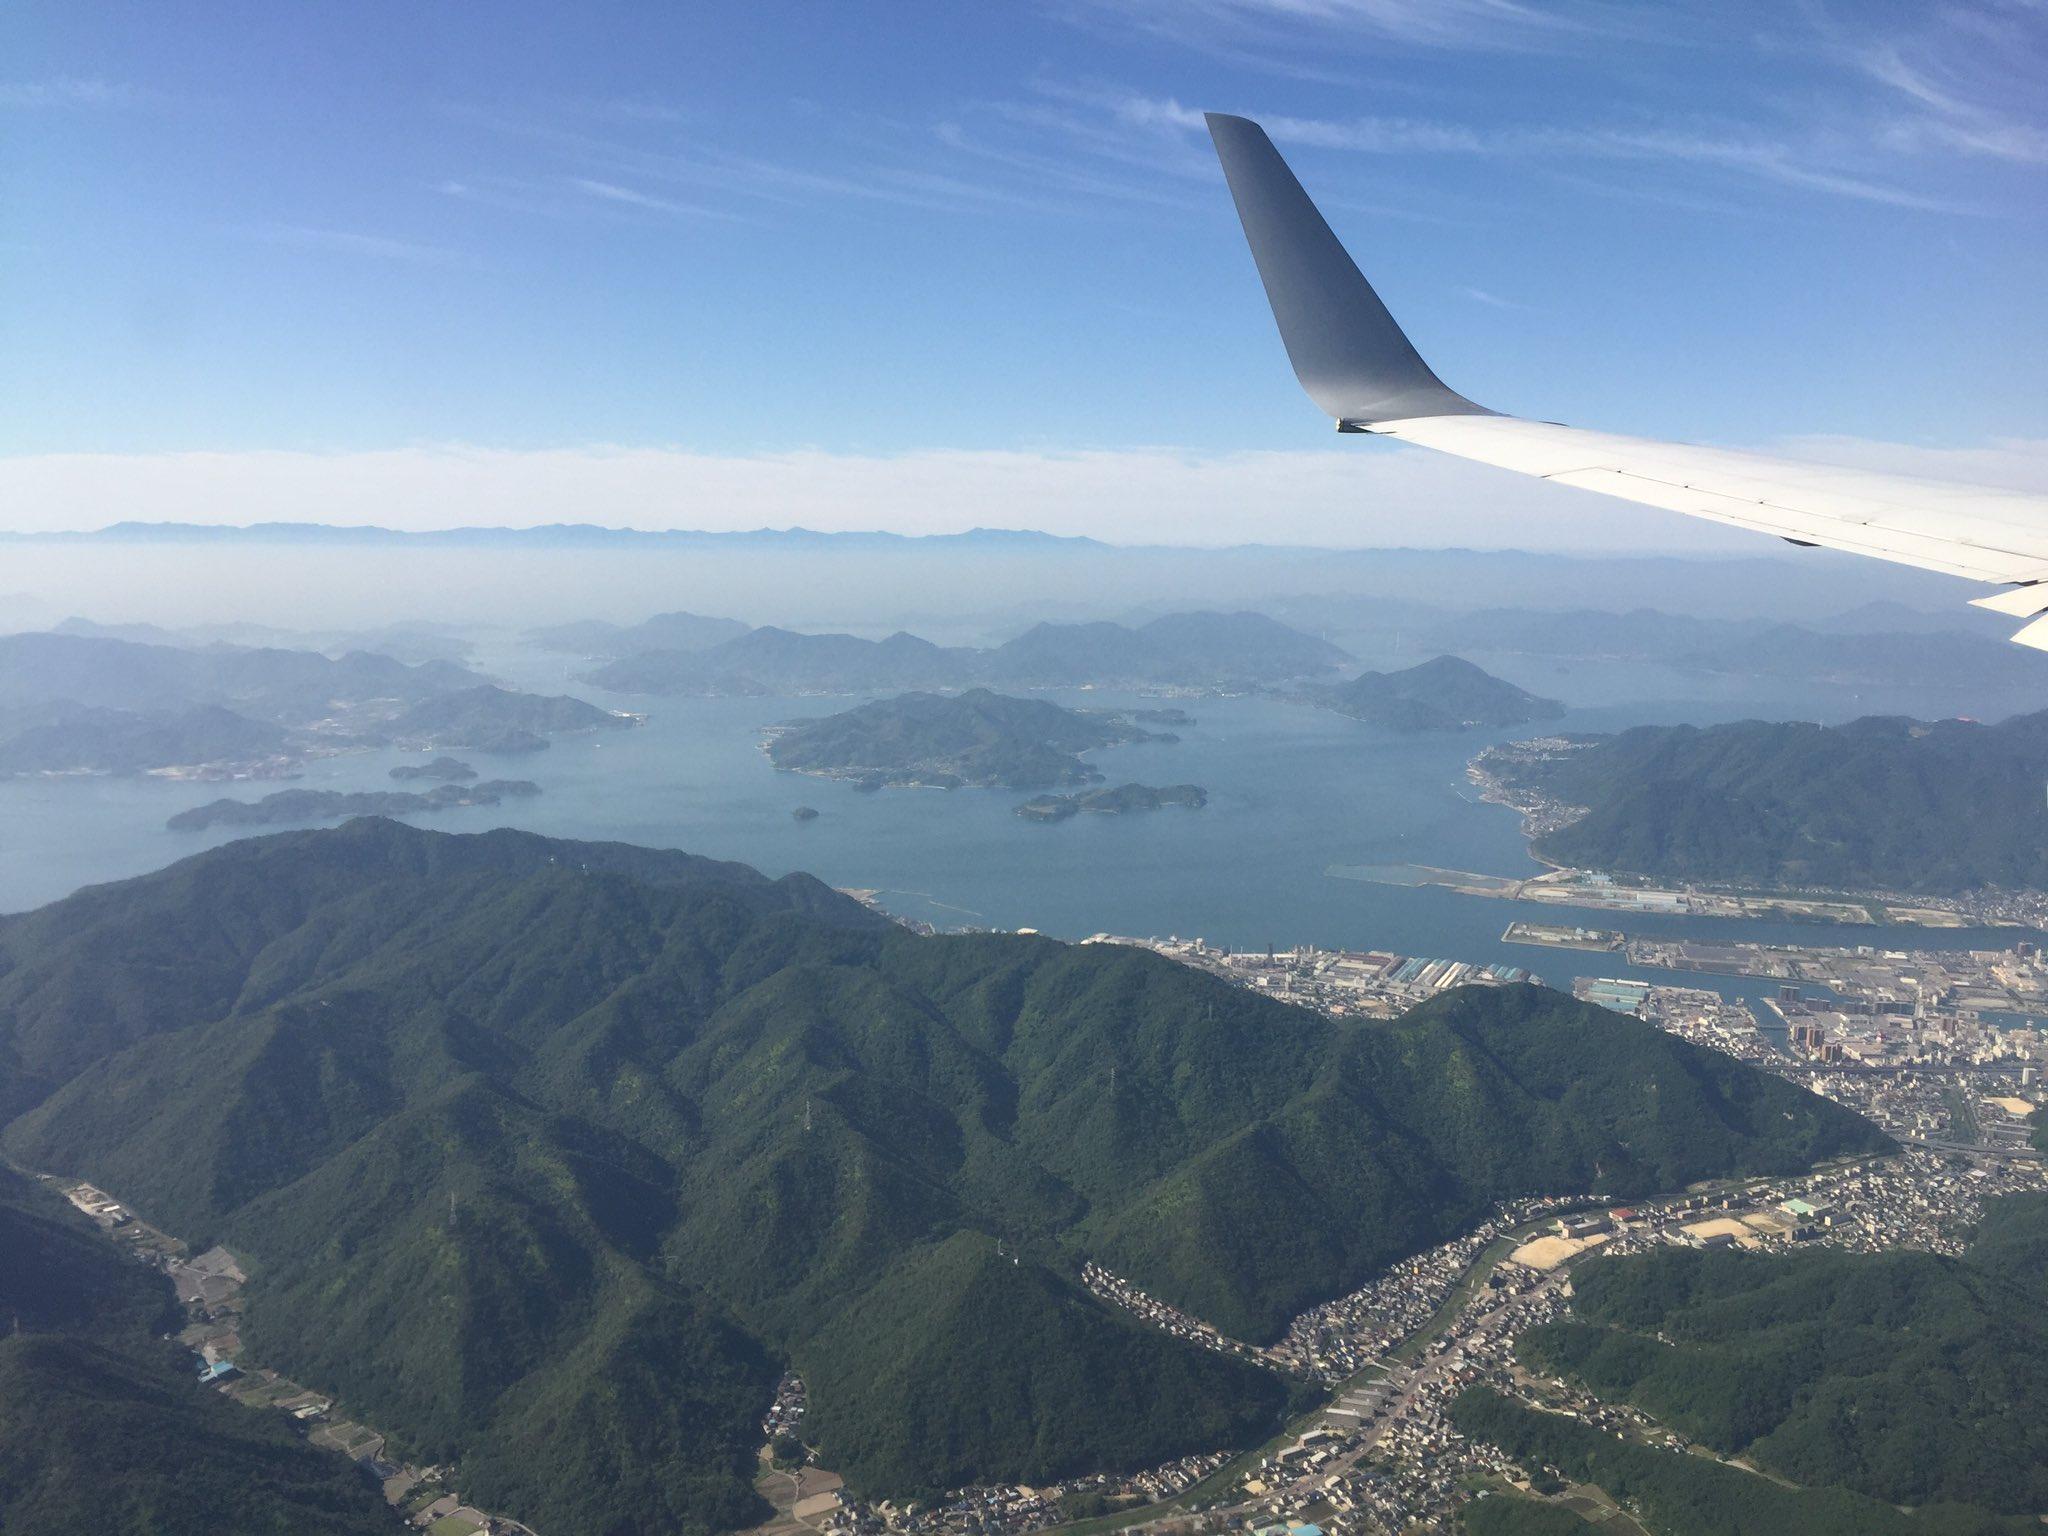 美しい日本!おはようございます ✈️ #lovejapan https://t.co/8WkcuUaKYV